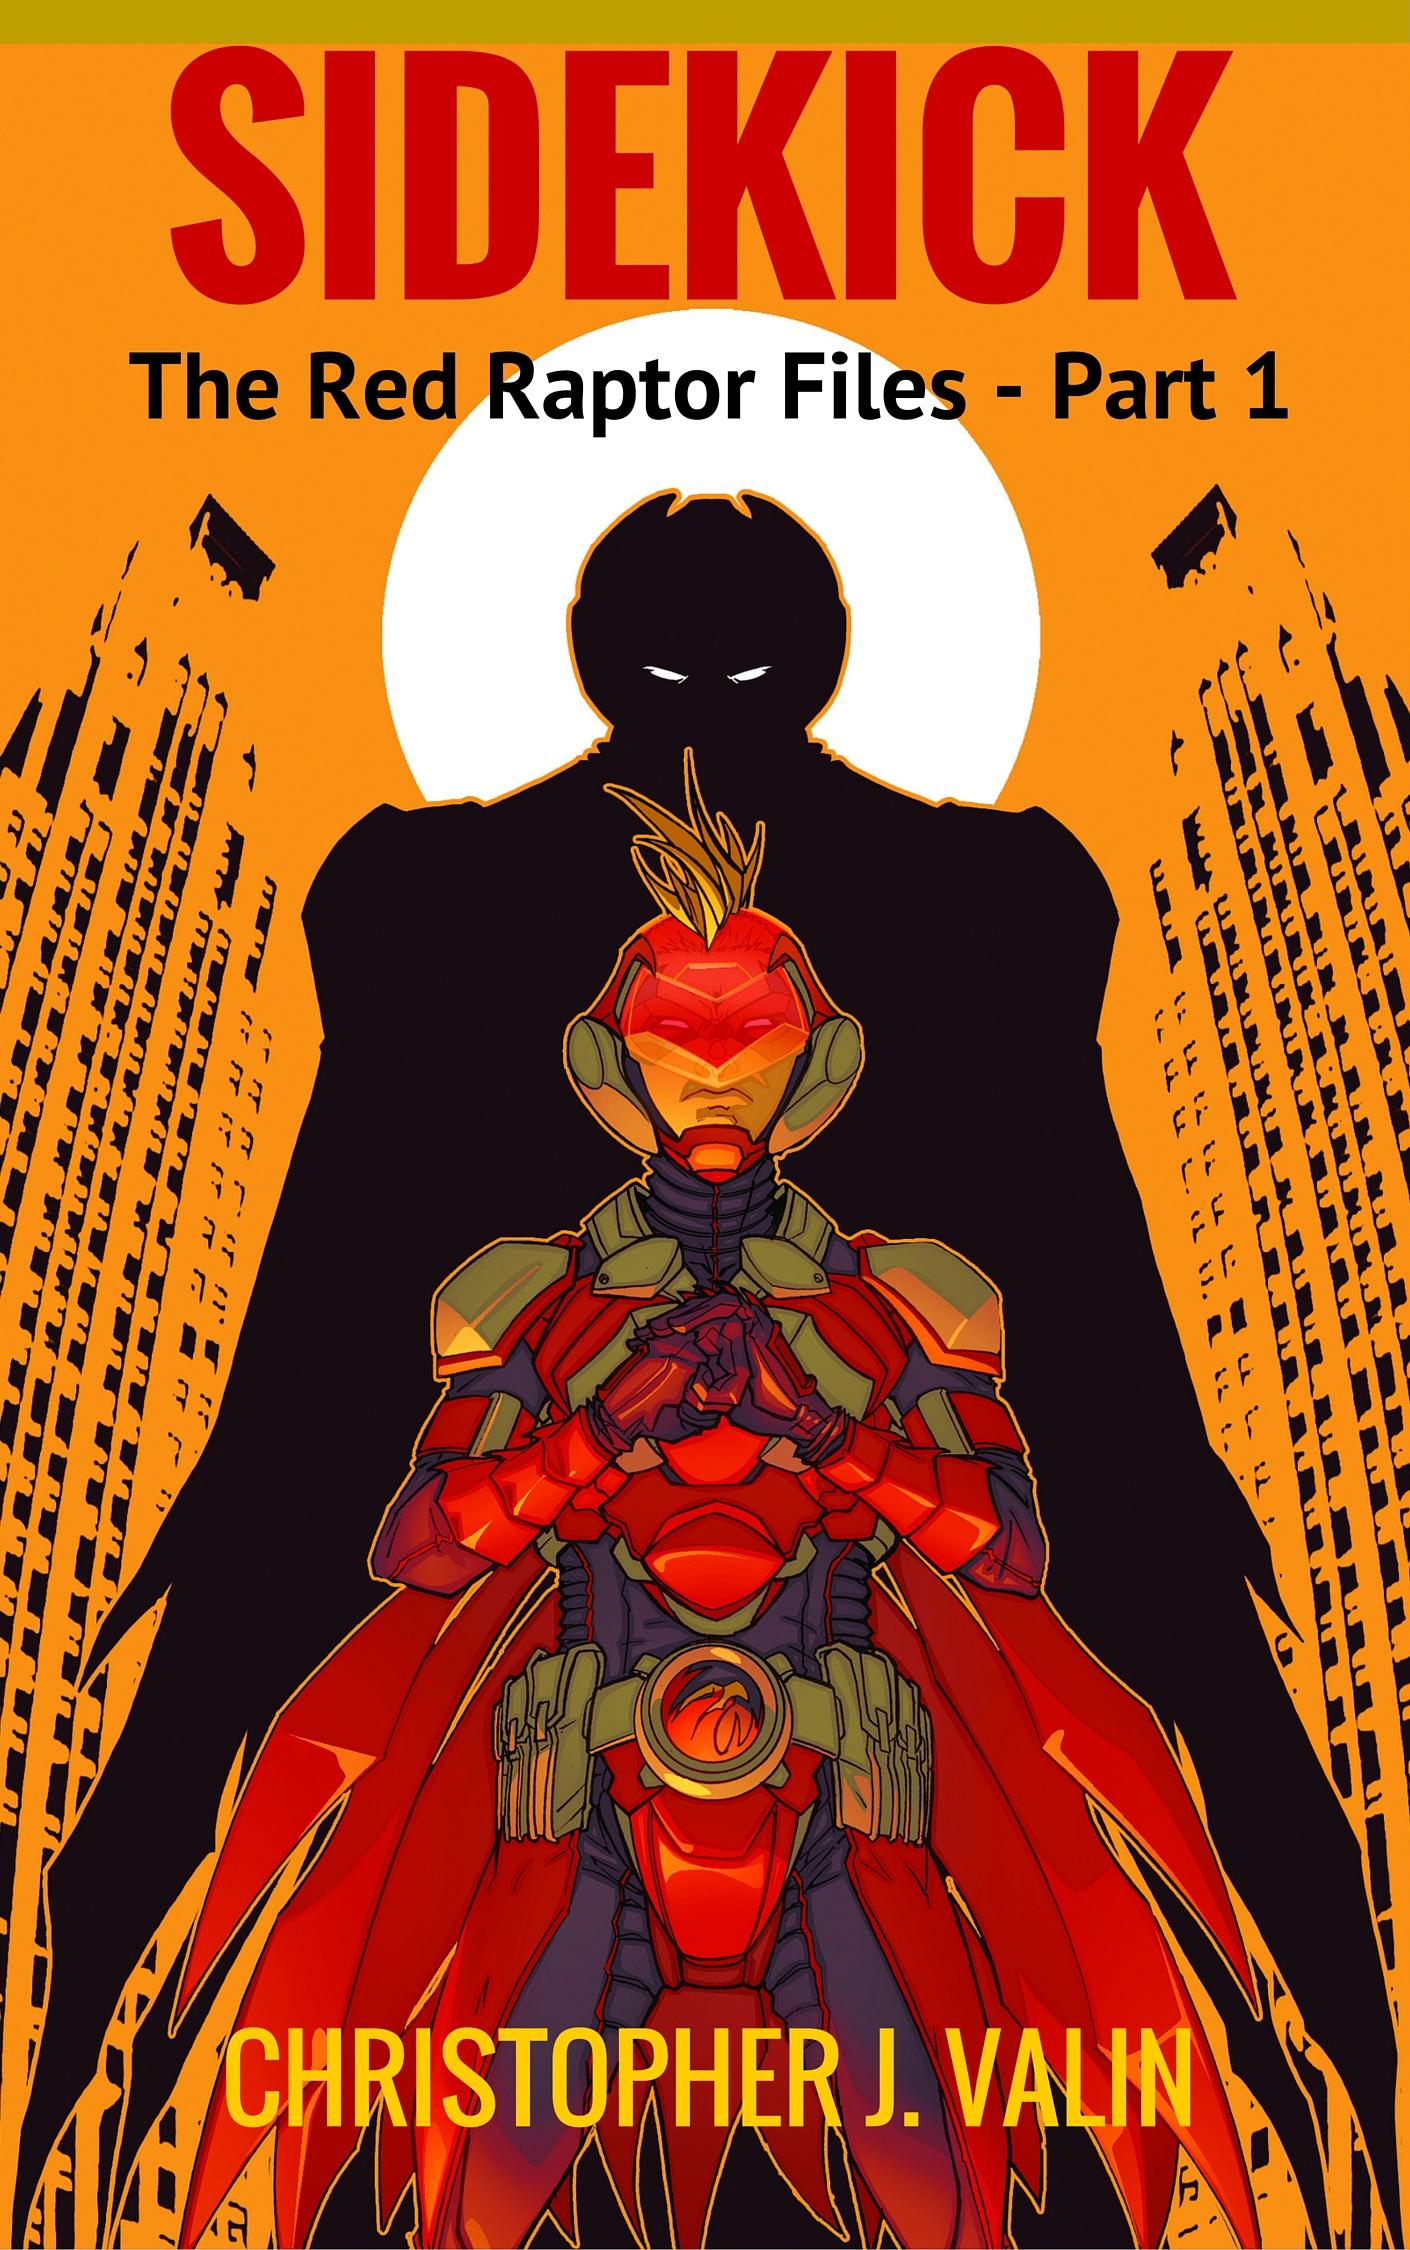 Sidekick - Kindle Cover